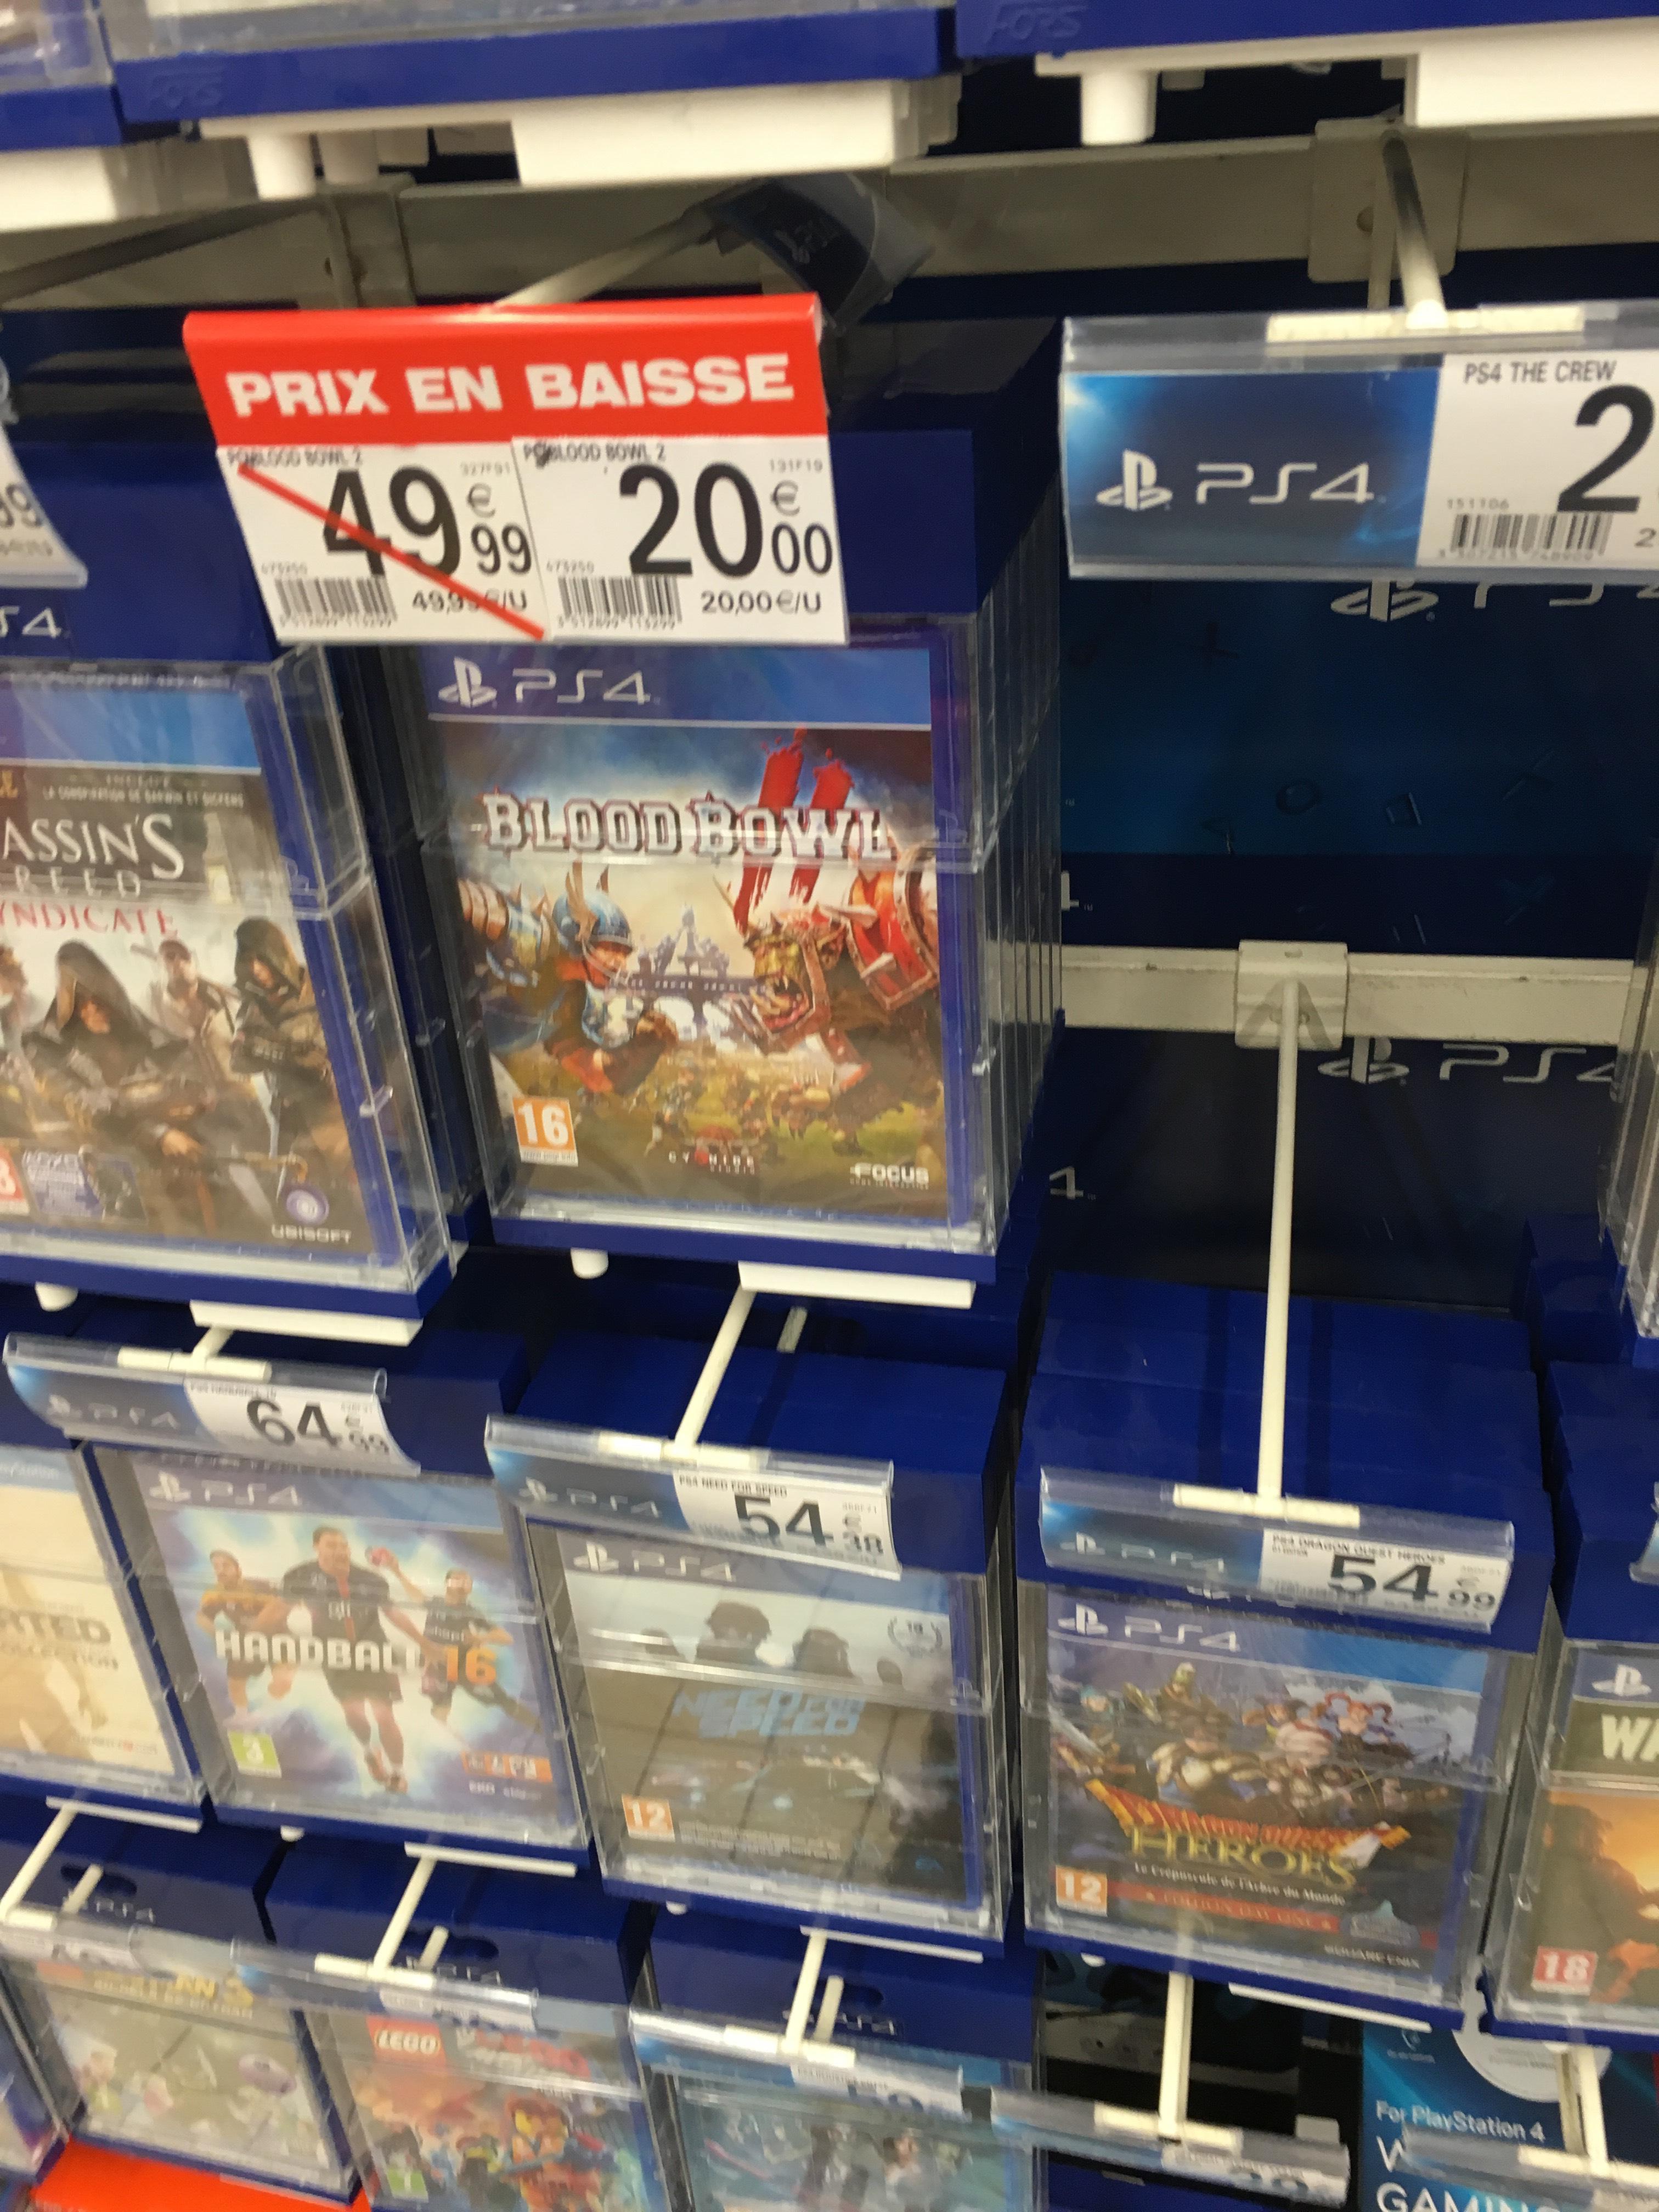 Jeu Bloodbowl 2 sur PS4